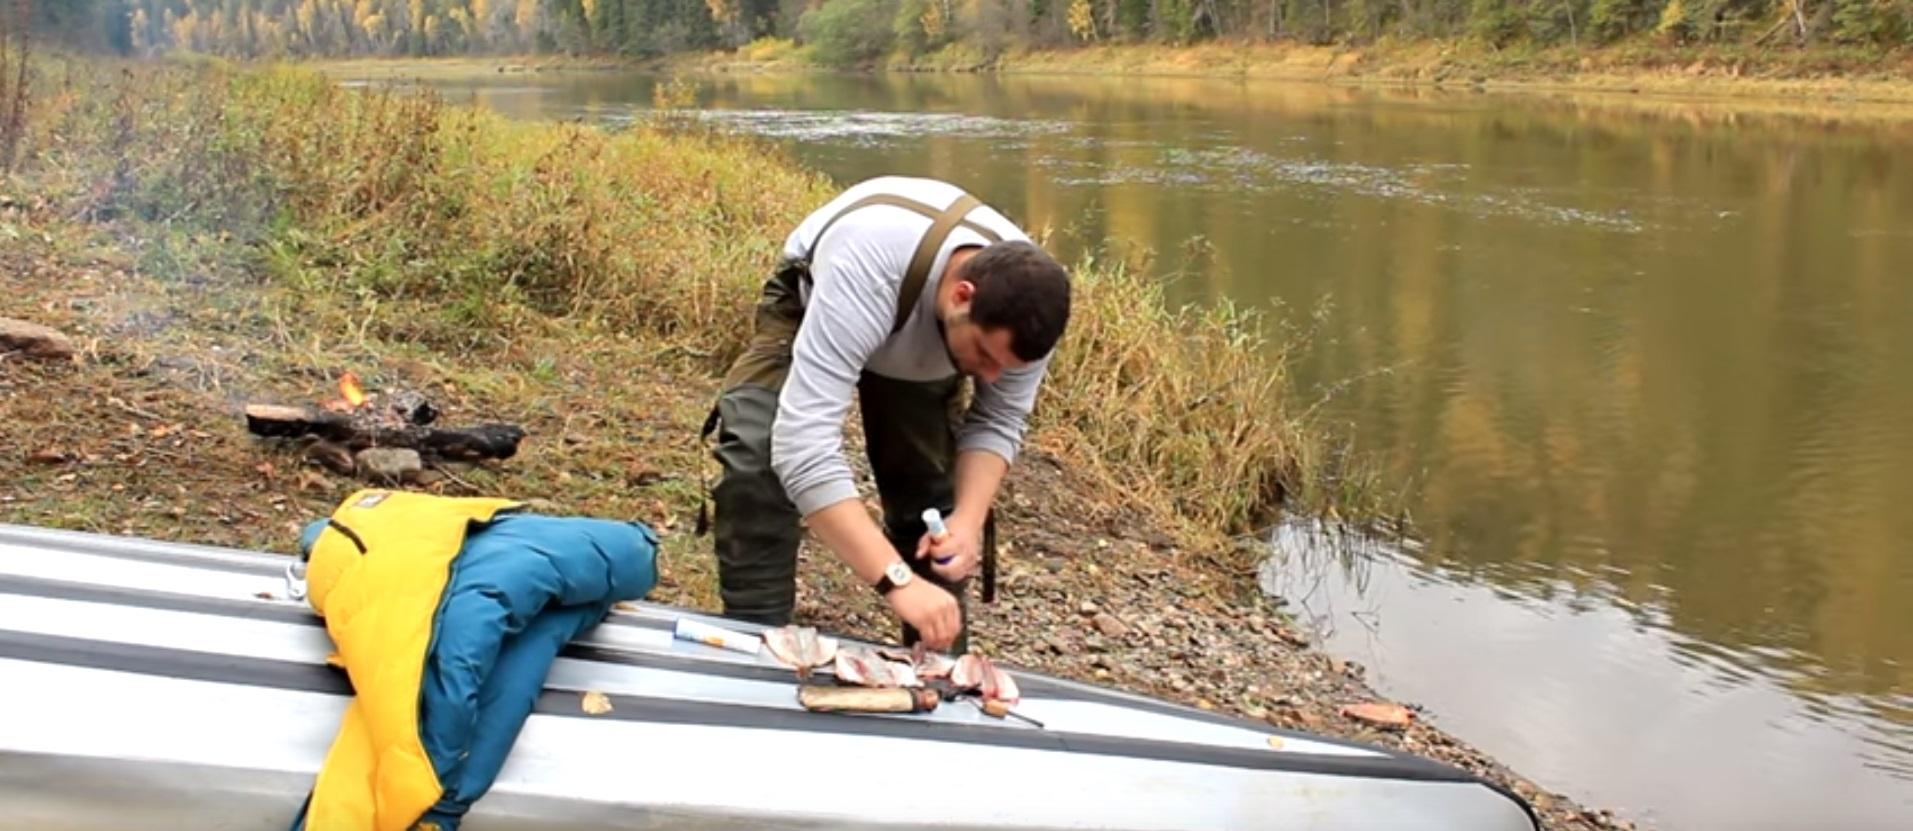 Туристу на заметку: идеальный способ приготовления рыбы в полевых условиях